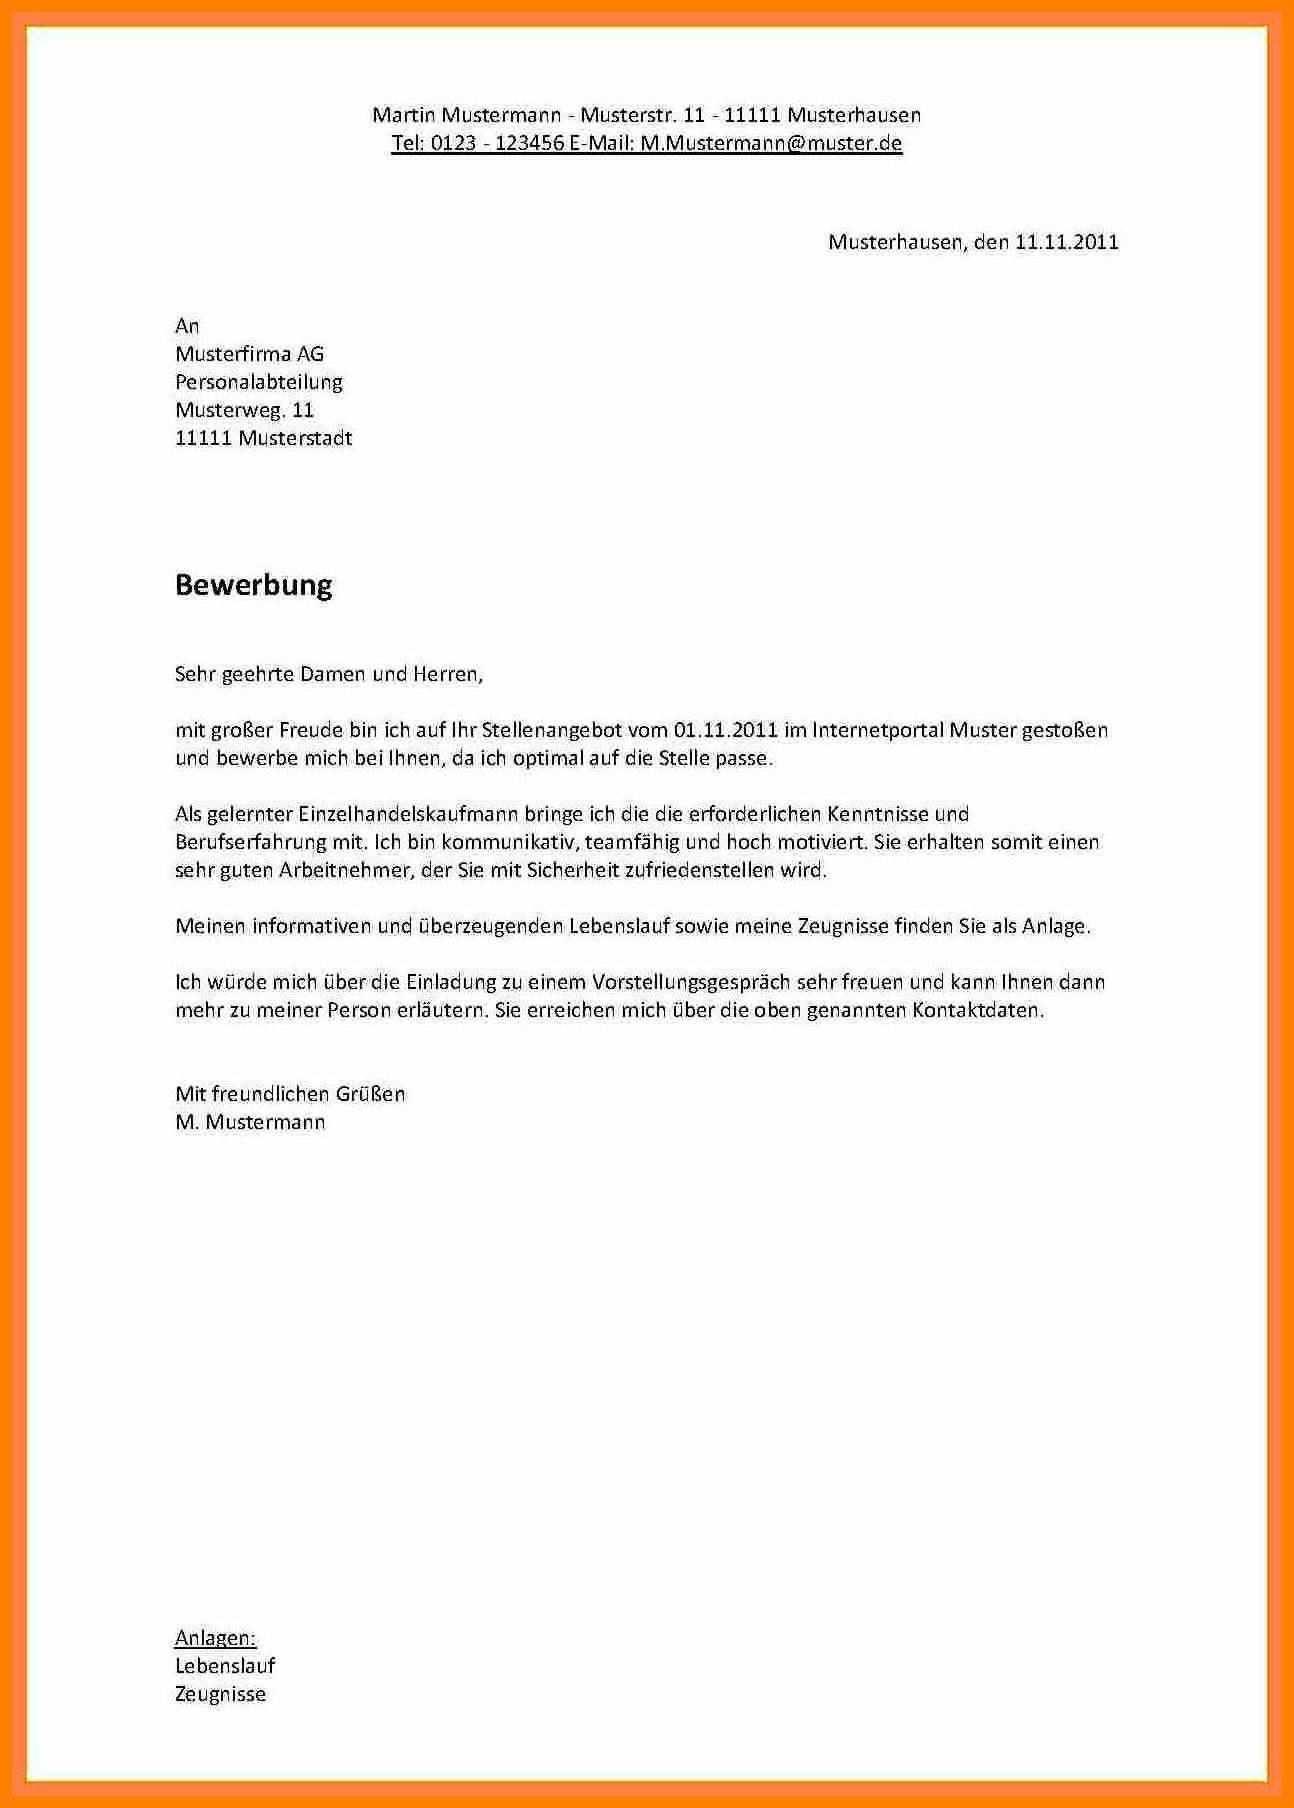 Neu Bewerbung Als Produktionshelfer Briefprobe Briefformat Briefvorlage Bewerbung Schreiben Bewerbungsschreiben Muster Bewerbung